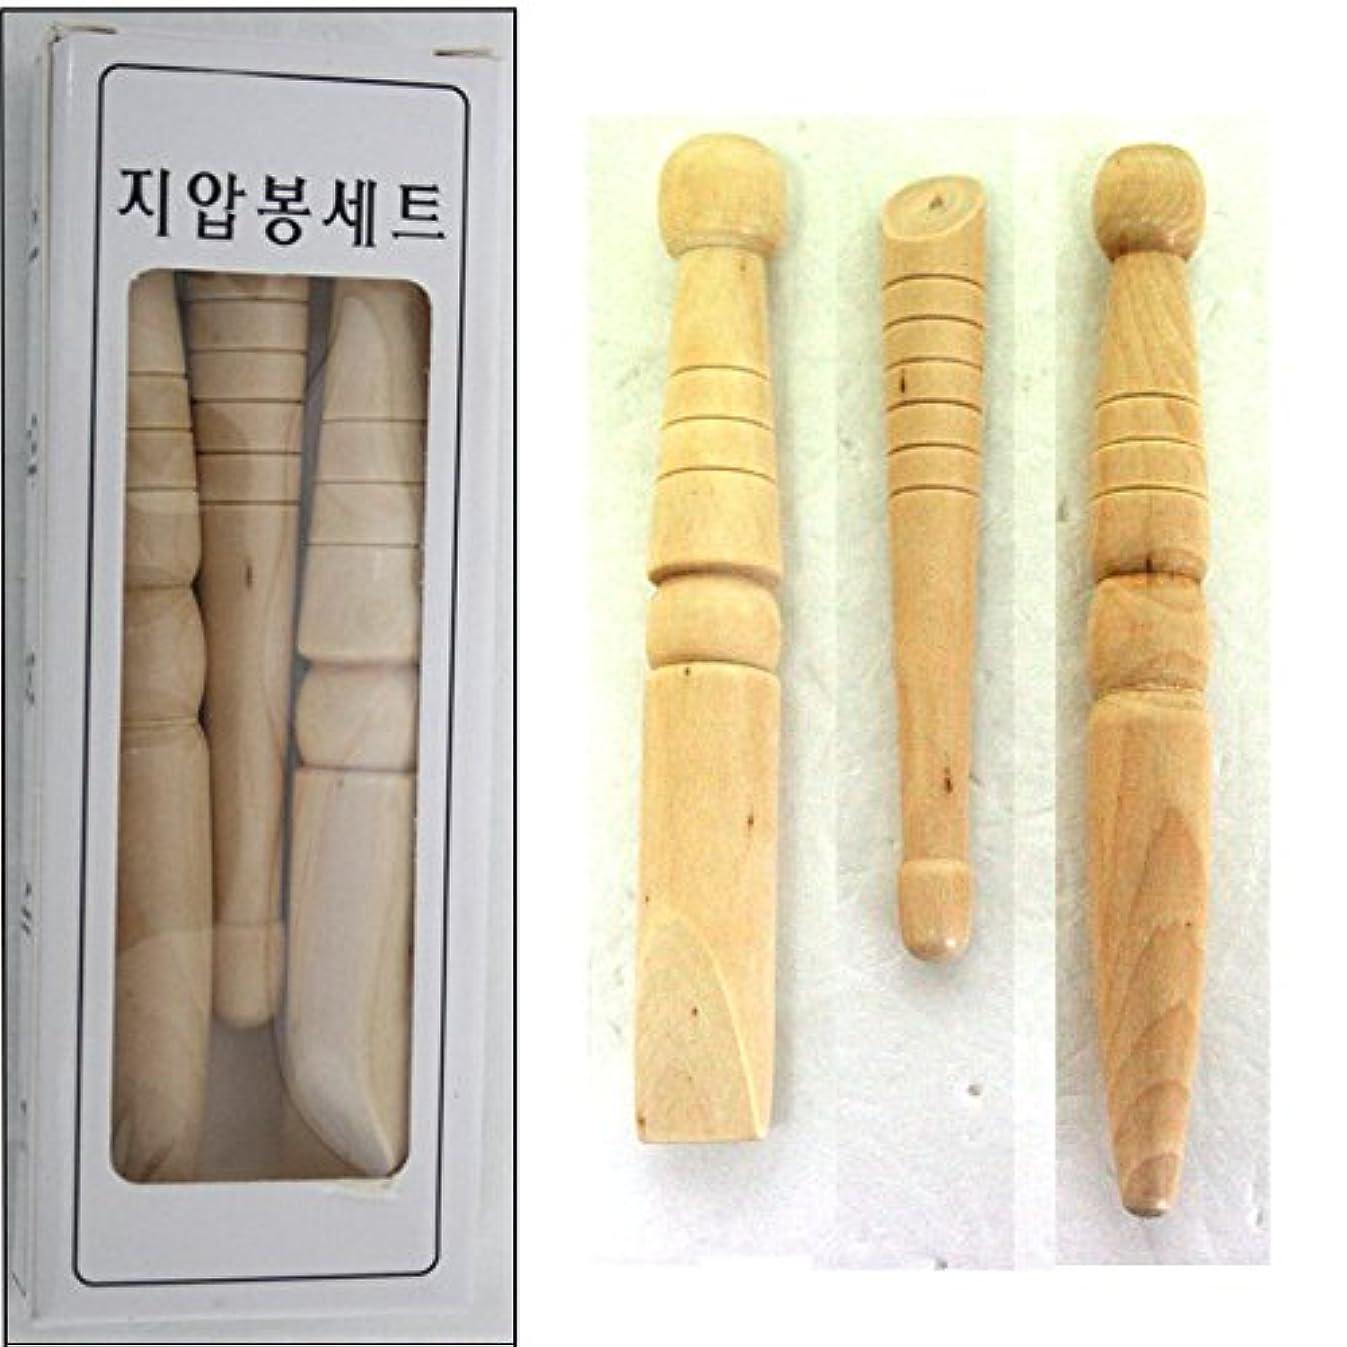 発行実際のビザフットマッサージ / Foot Massage / フットマッサージ/リフレクソロジー健康木製3EAスティックツールReflexology Health Wooden 3ea Stick Tool with Chart...